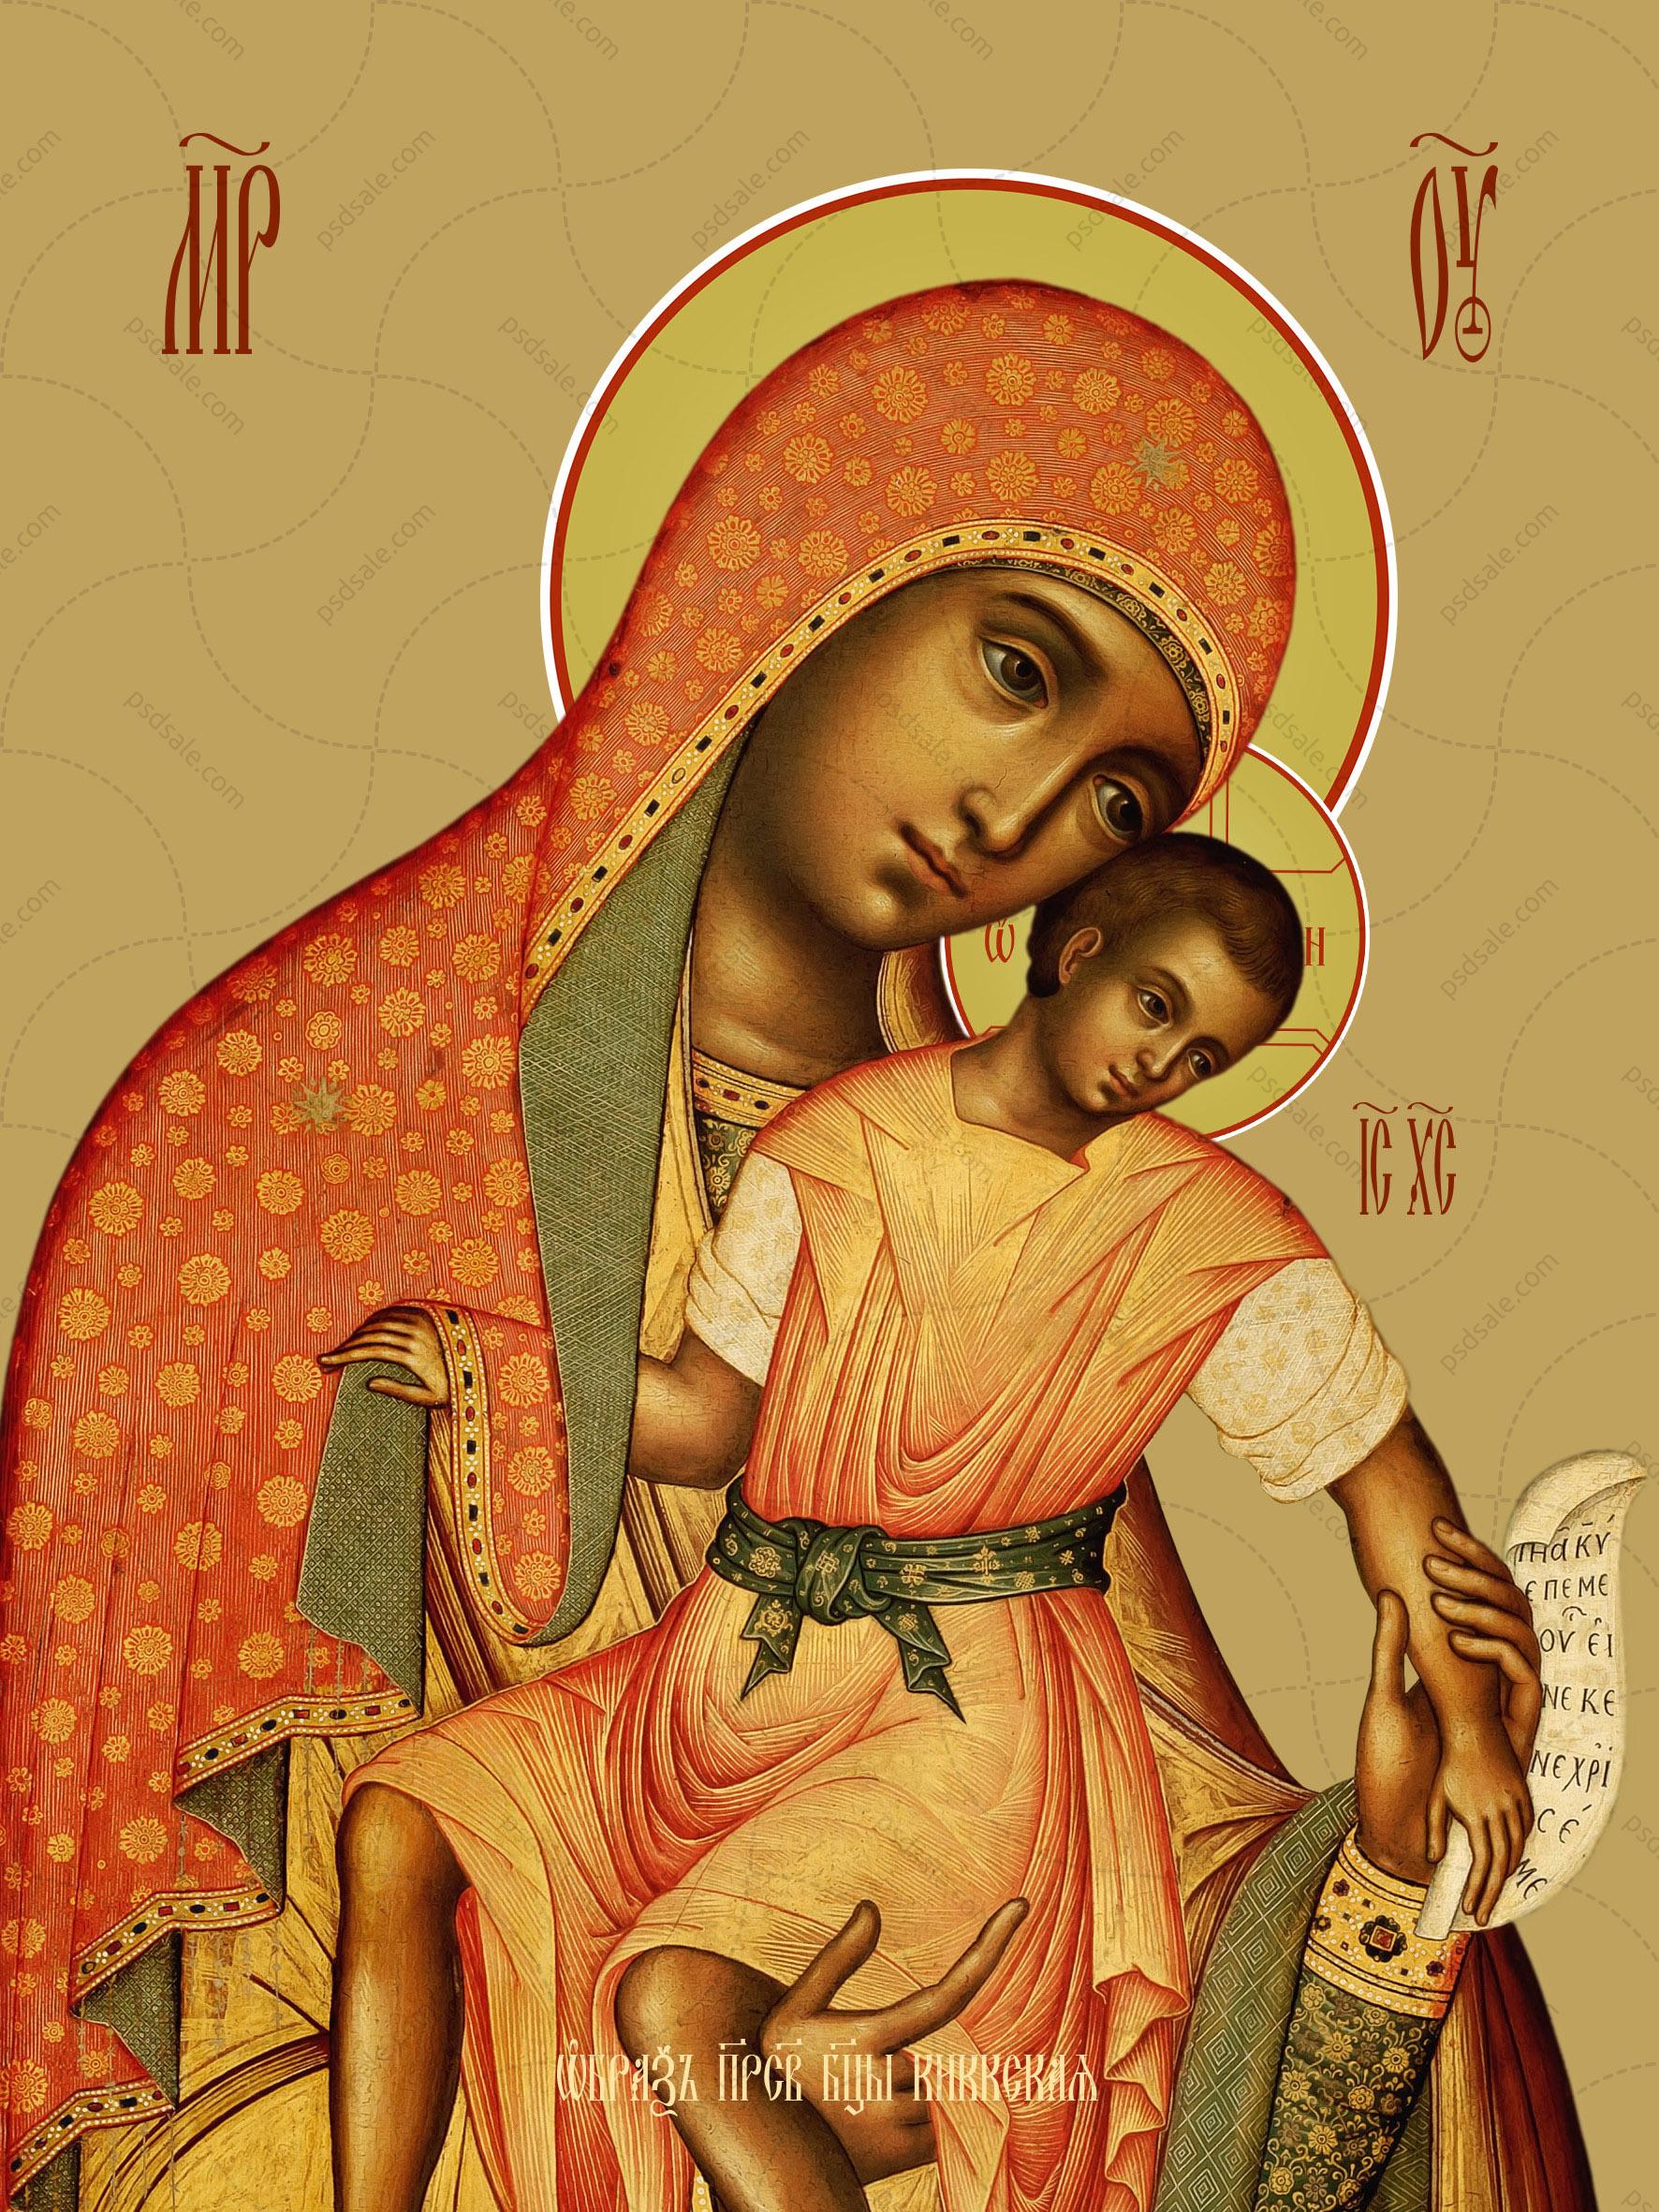 Киккская икона божьей матери